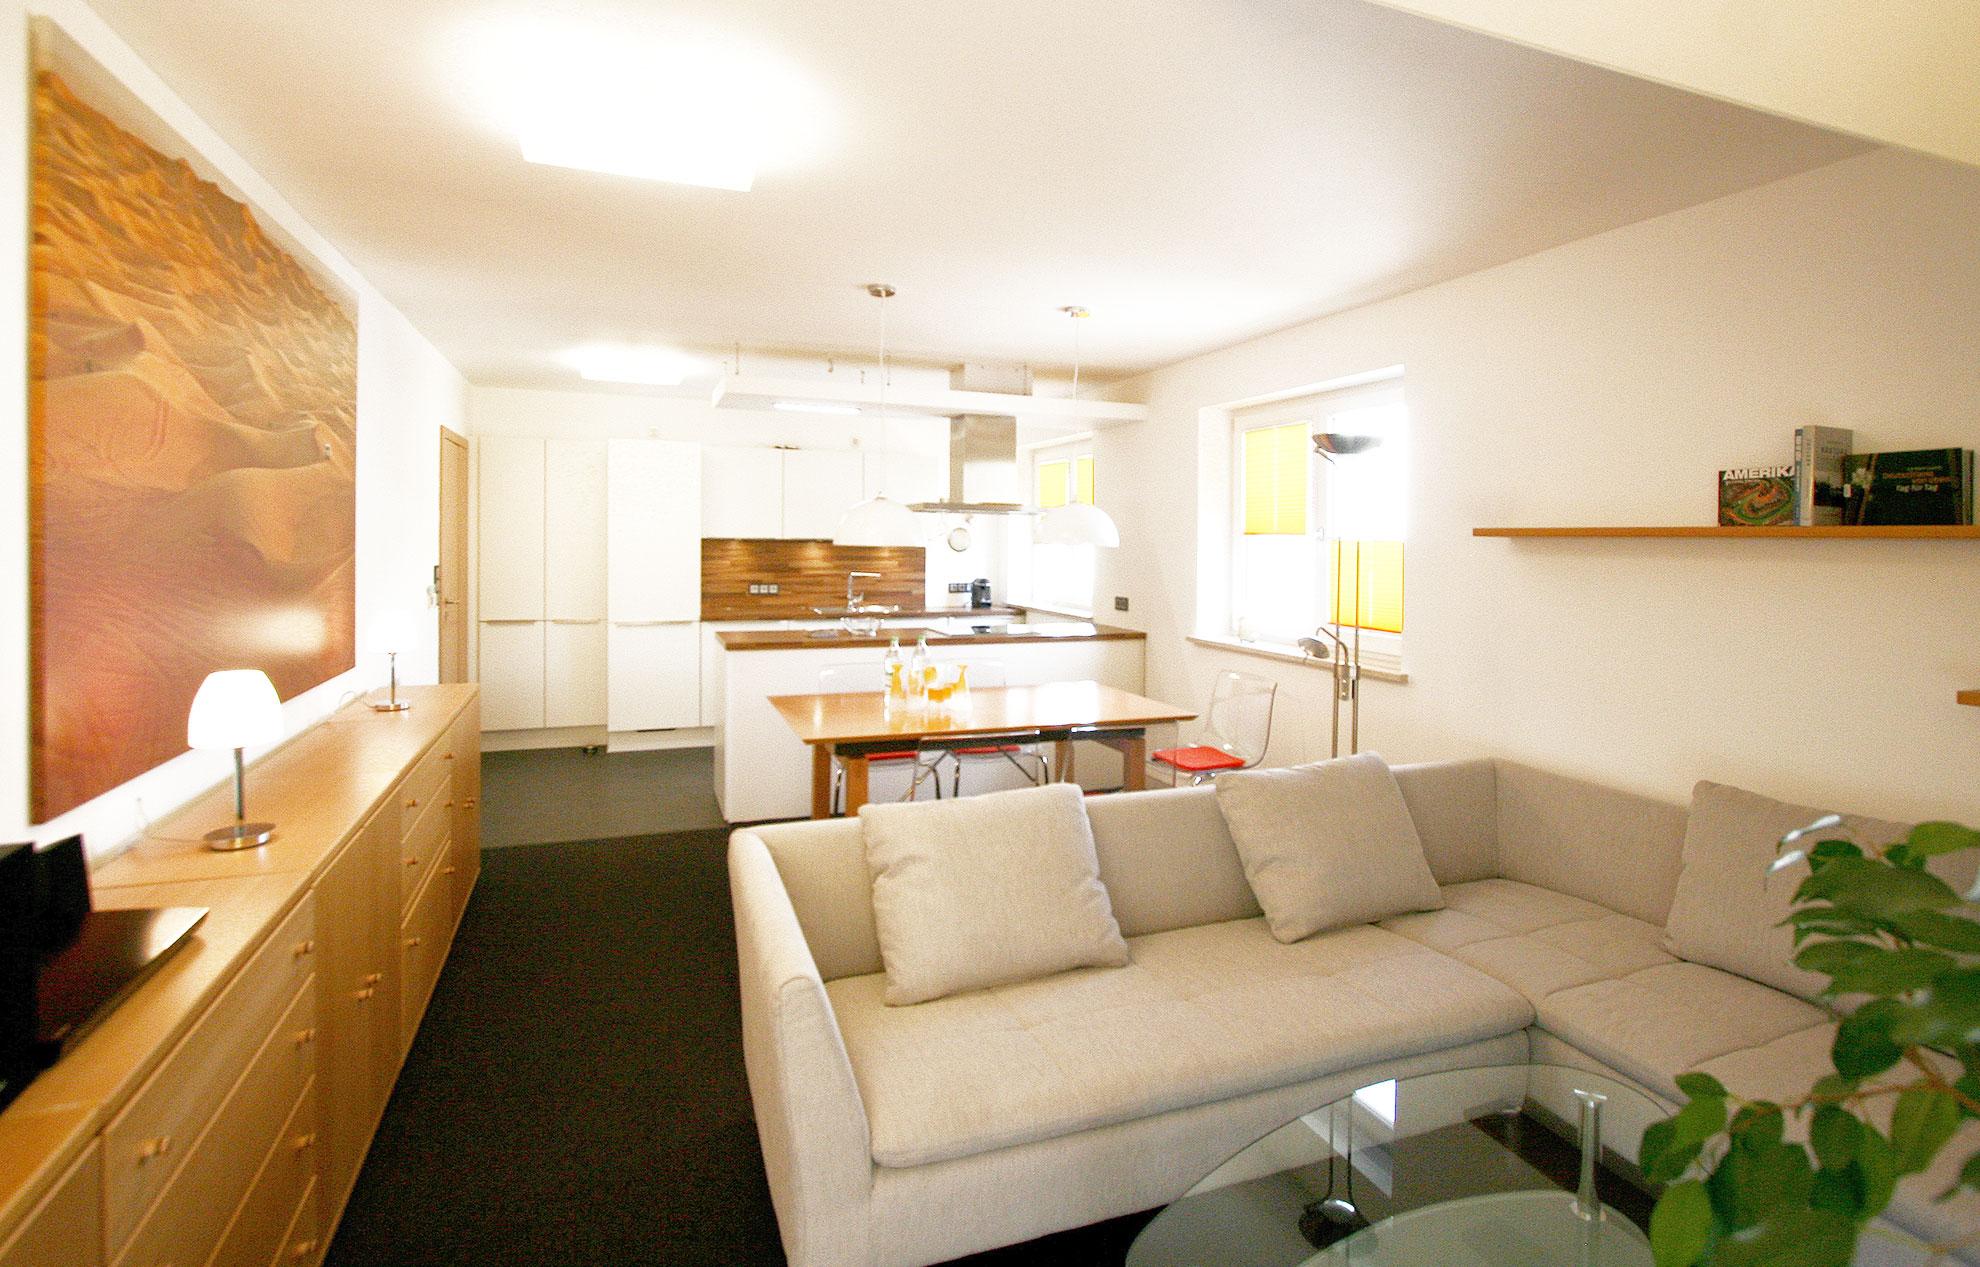 Neugestaltung einer möblierten Wohnung - GROSS | Innenarchitektur